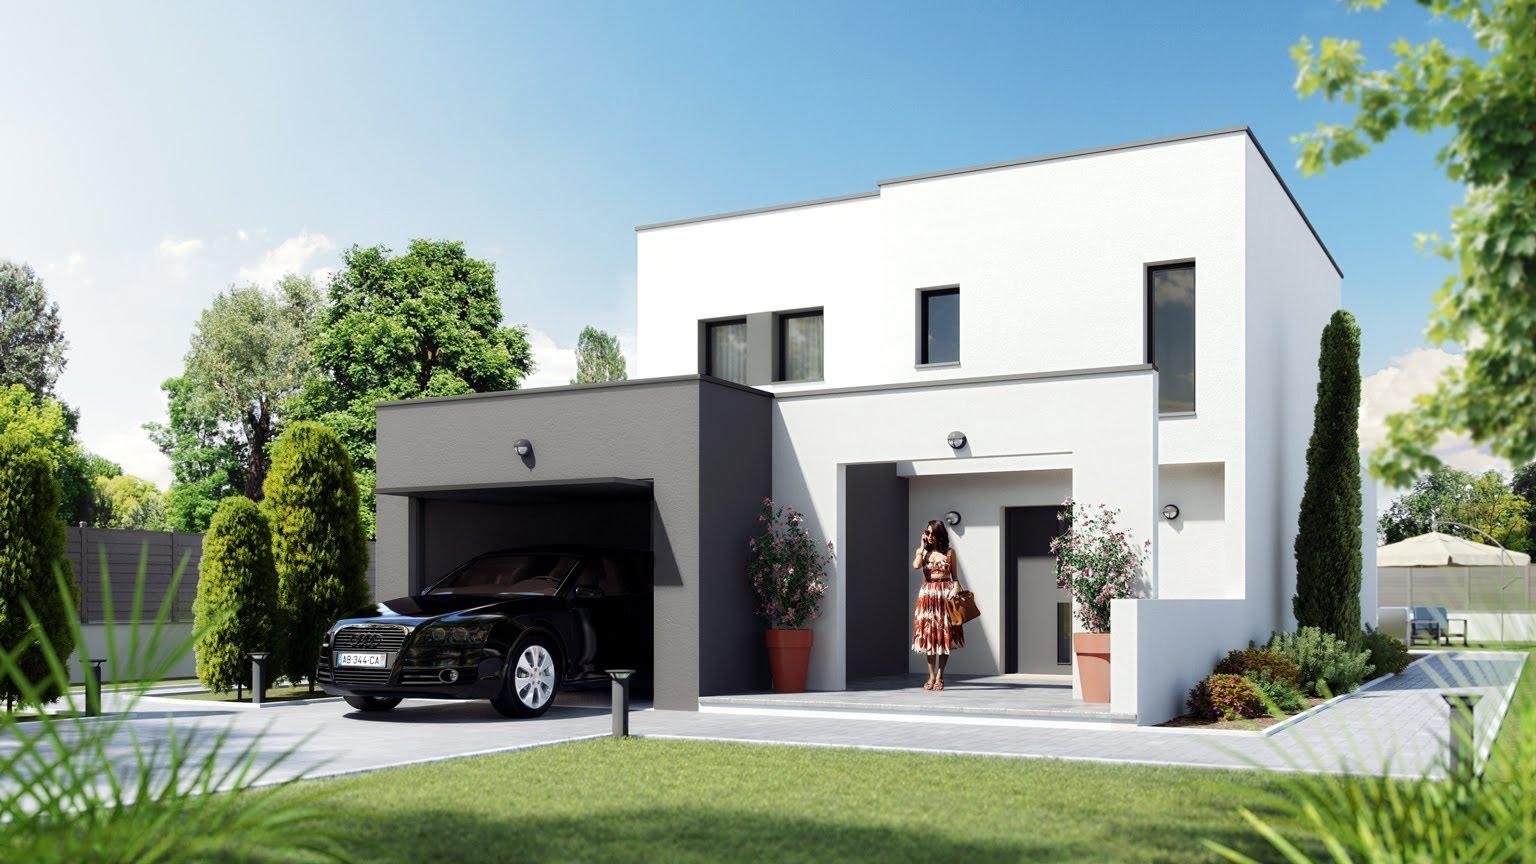 Que faut-il vérifier avant d'acheter ou louer un logement ?